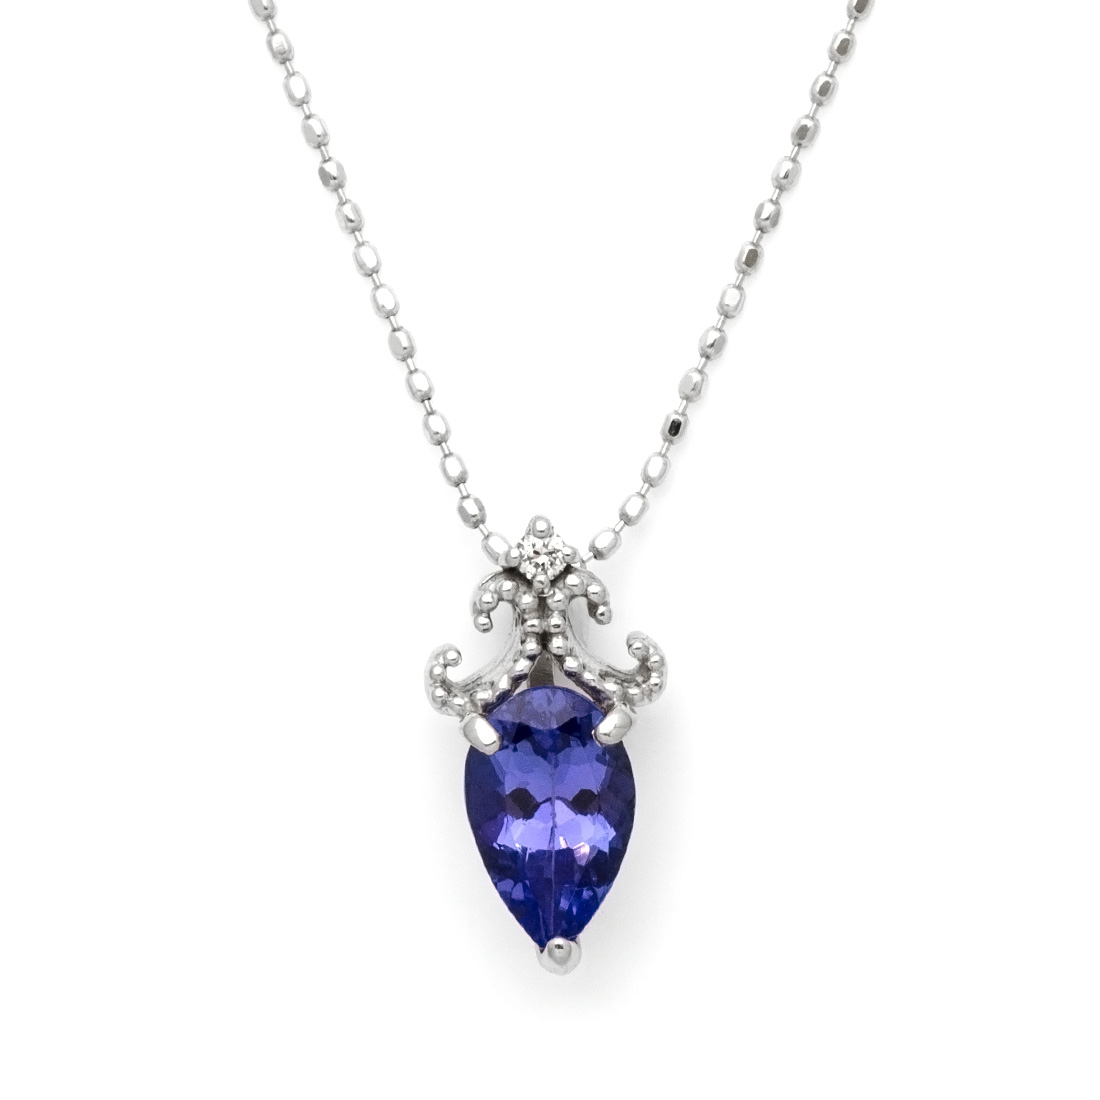 K18 タンザナイト0.8ct ダイヤモンド ペンダントトップ 「arcadia」 ネックレス ブルーゾイサイト ダイアモンド 誕生日 12月誕生石 18K 18金 ゴールド 記念日 メッセージ ギフト 贈り物